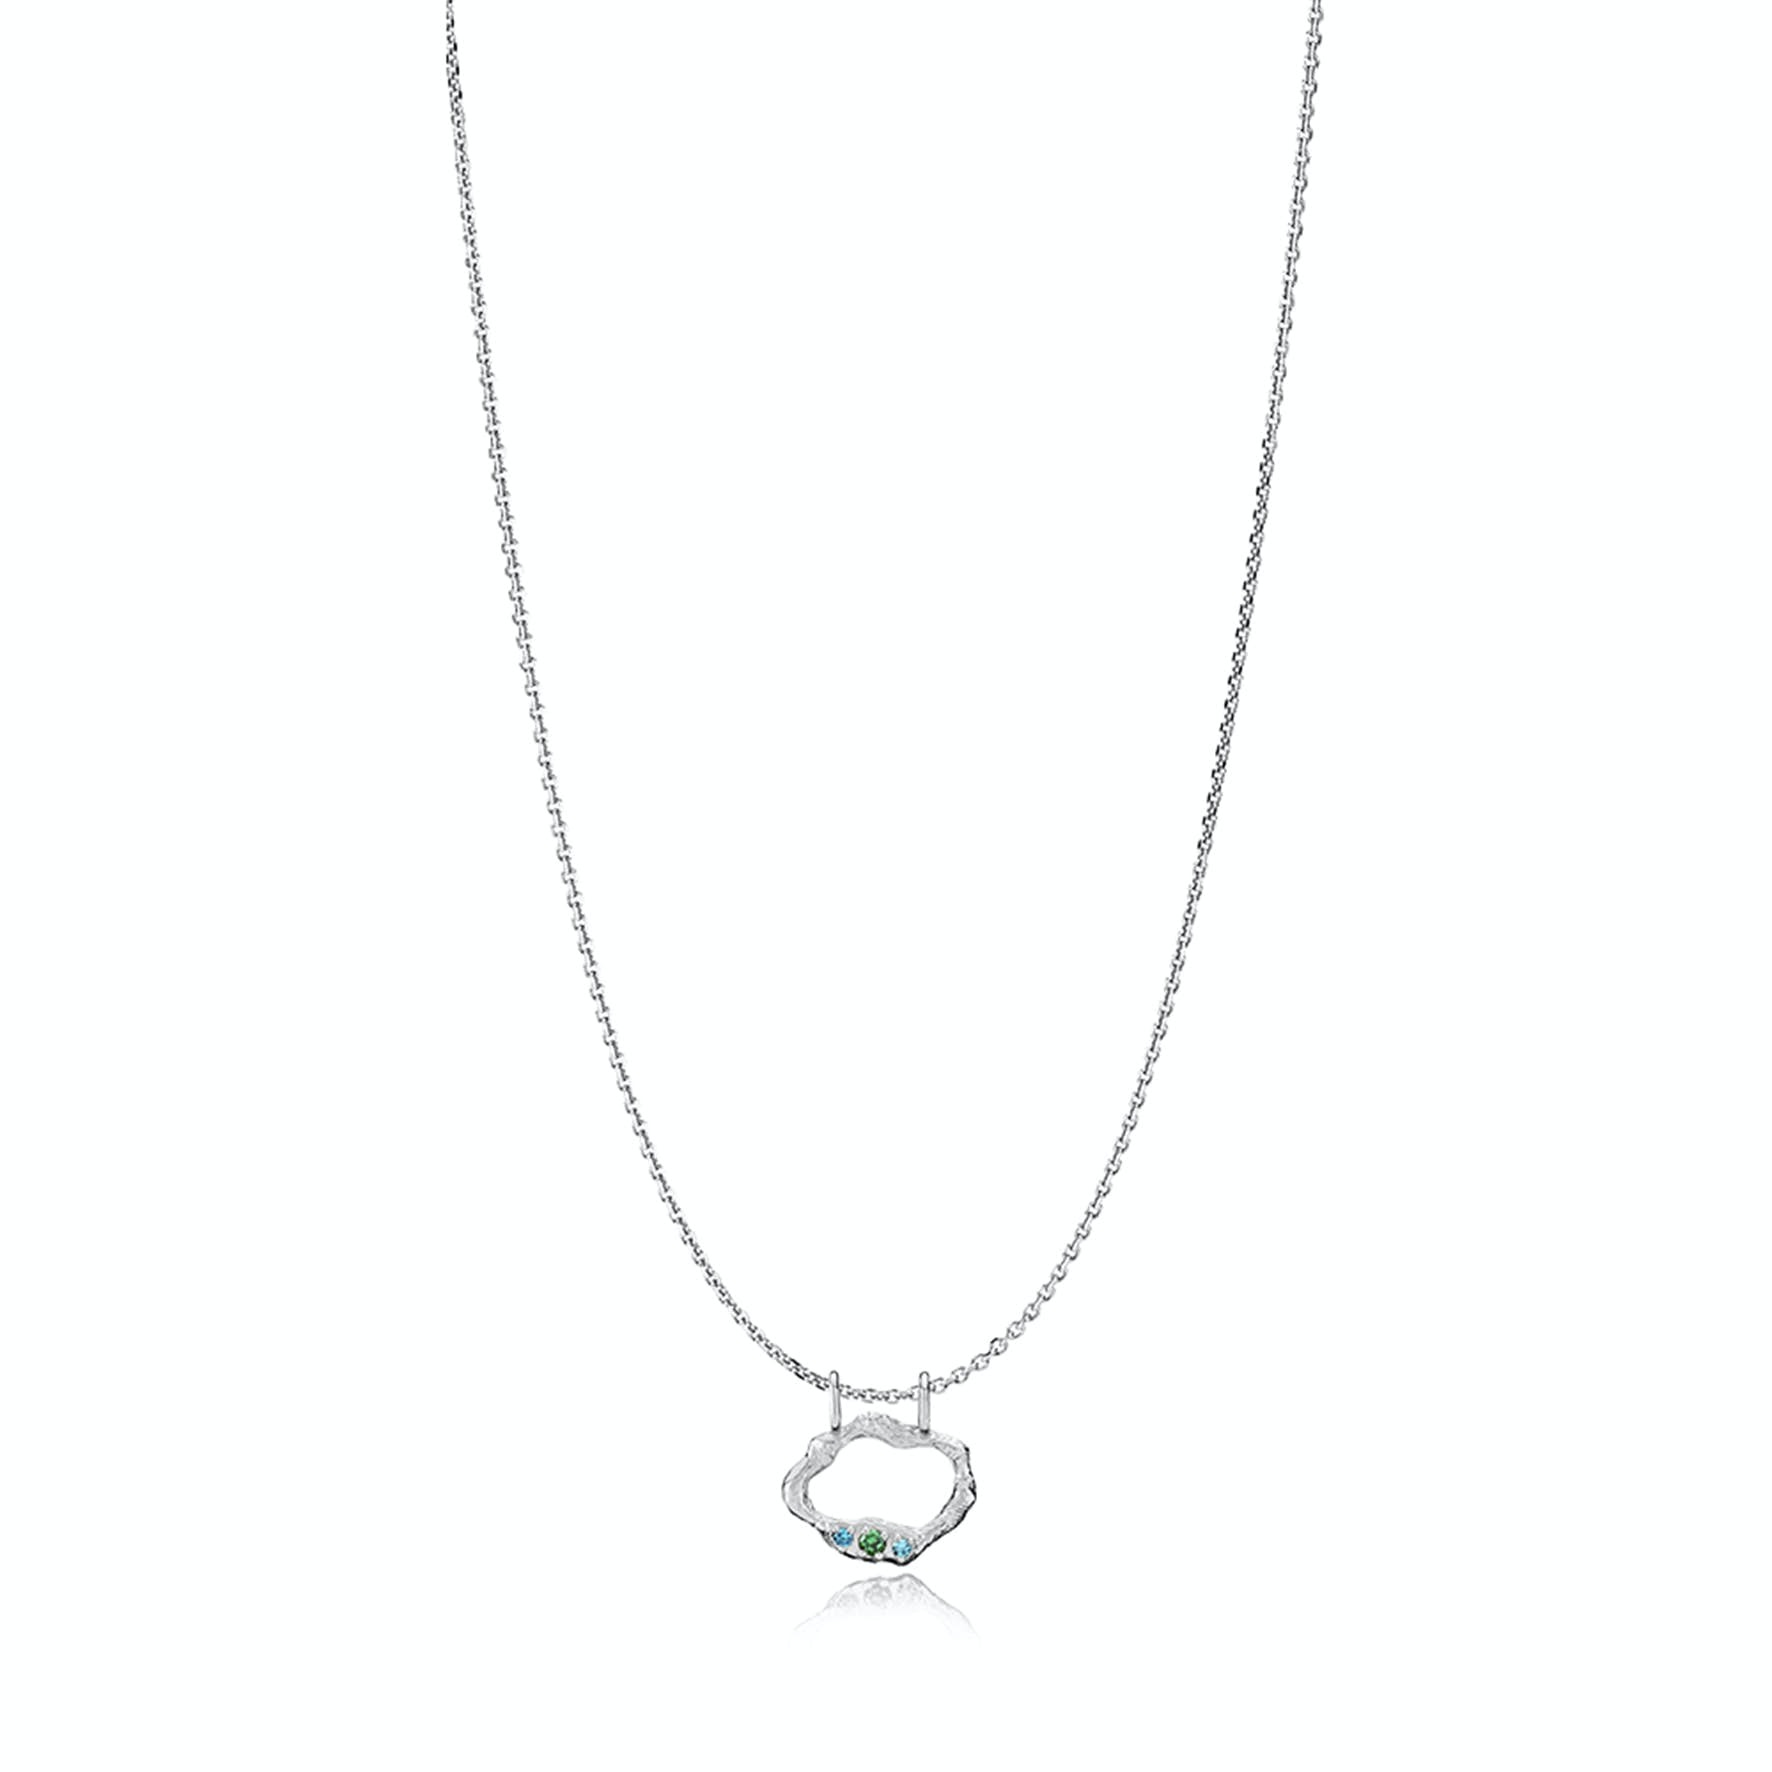 Ocean Necklace fra Izabel Camille i Sølv Sterling 925